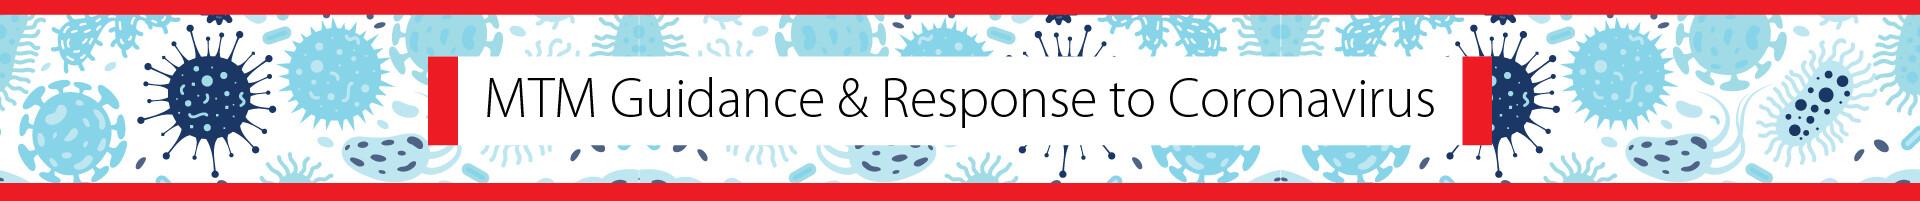 MTM Guidance and Response to the Coronavirus